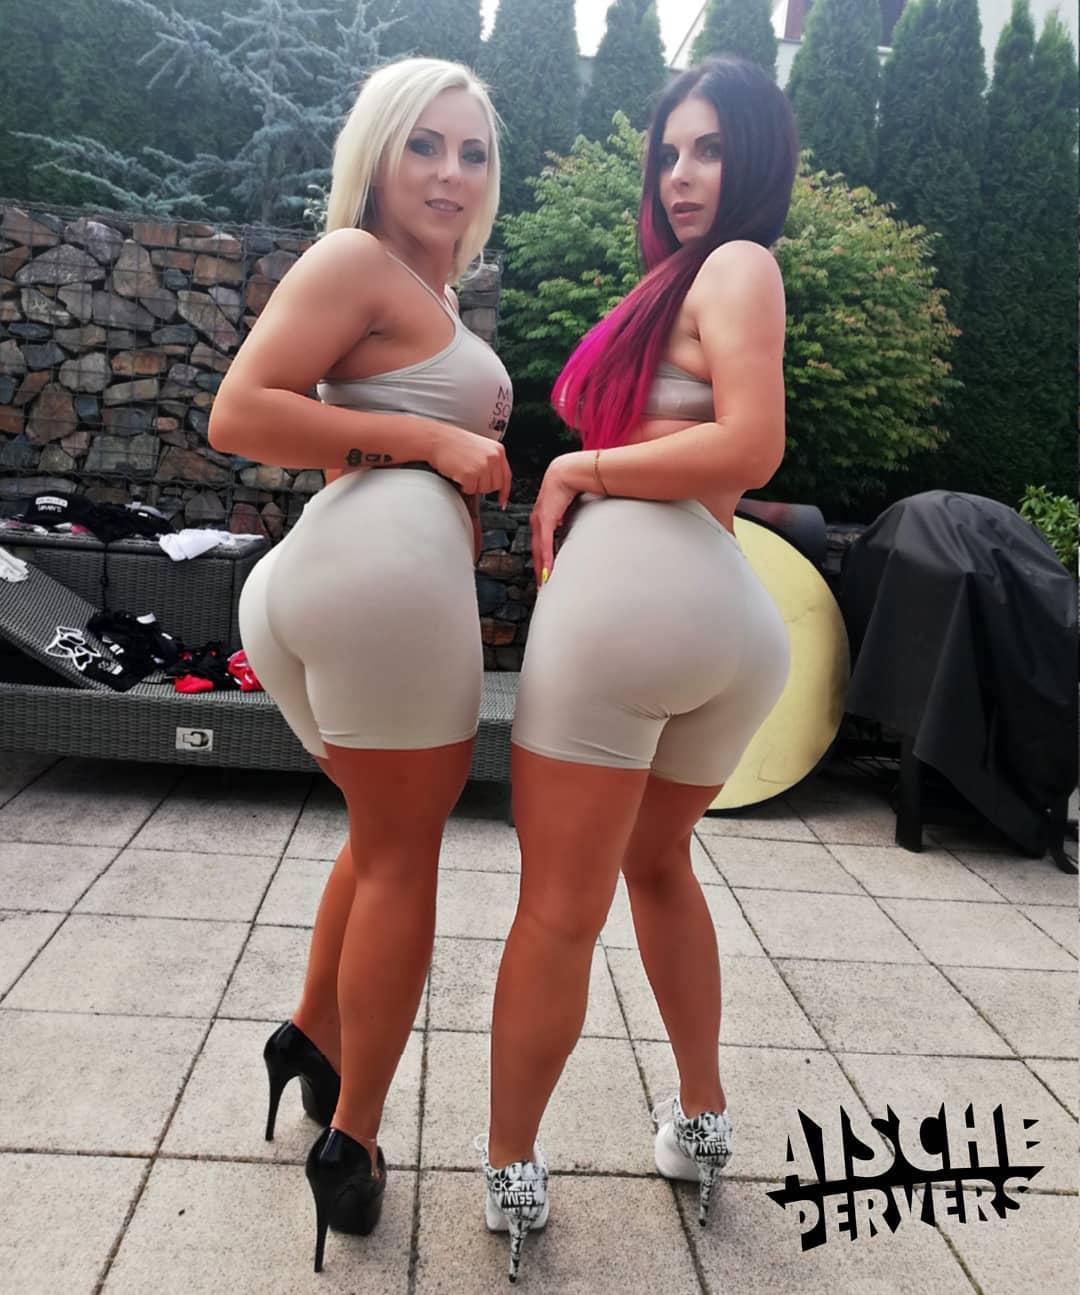 Big booty chicks 🍑🍑🍑 #booty #big #ass #butt #curvy #blonde #braun #ombrehair #german #girls #backside #sommerhausderpornostars #fun #highheels  @lillivanill_xx @reality.lovers